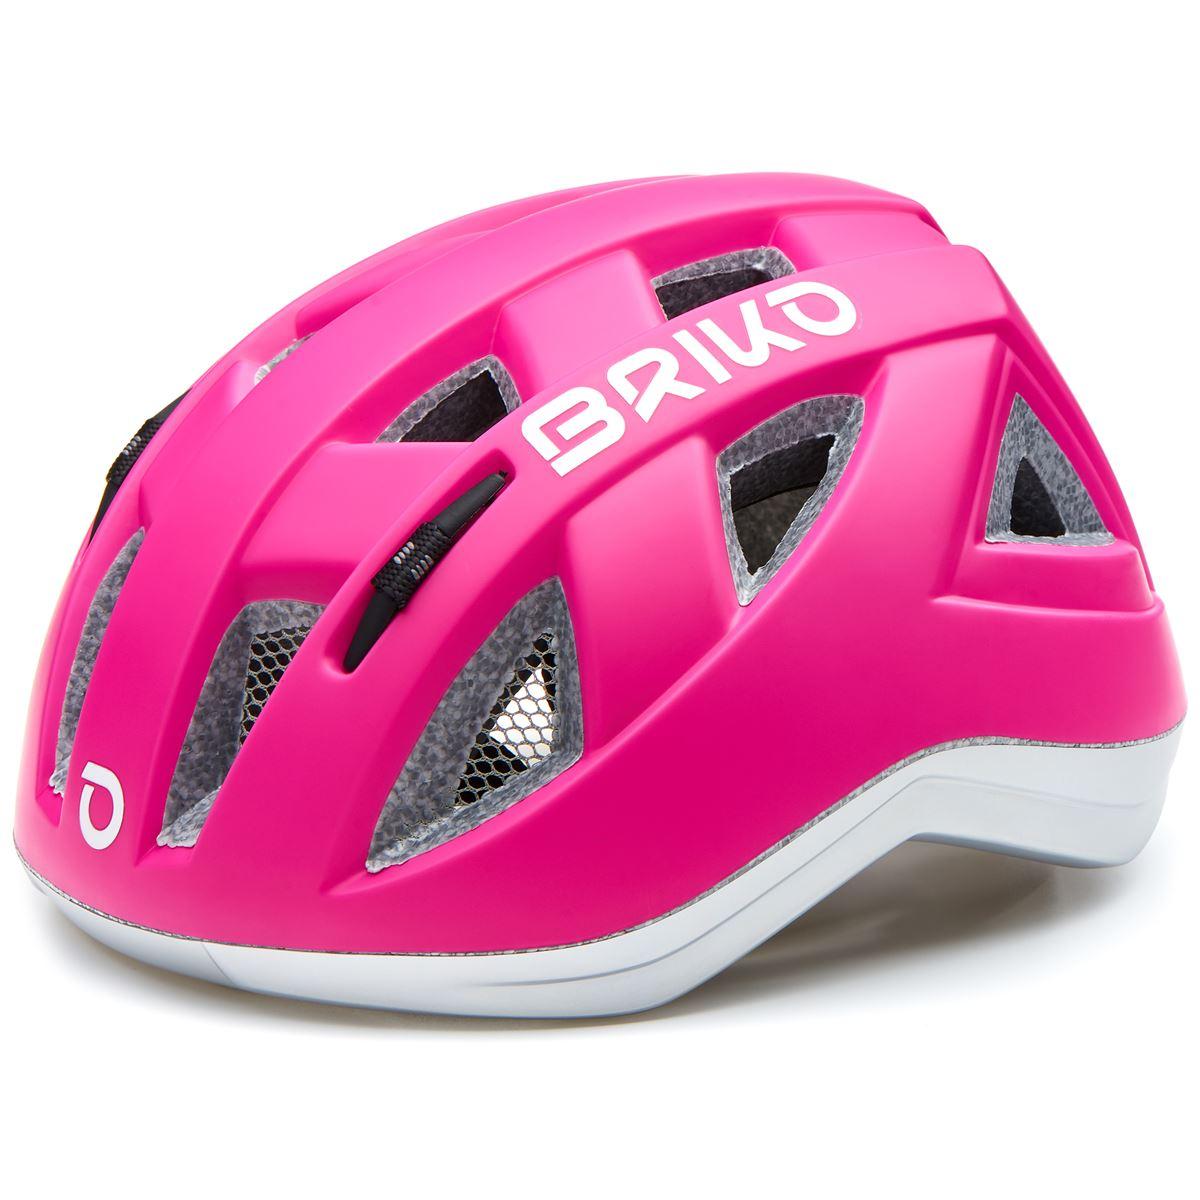 matt-pink-silver